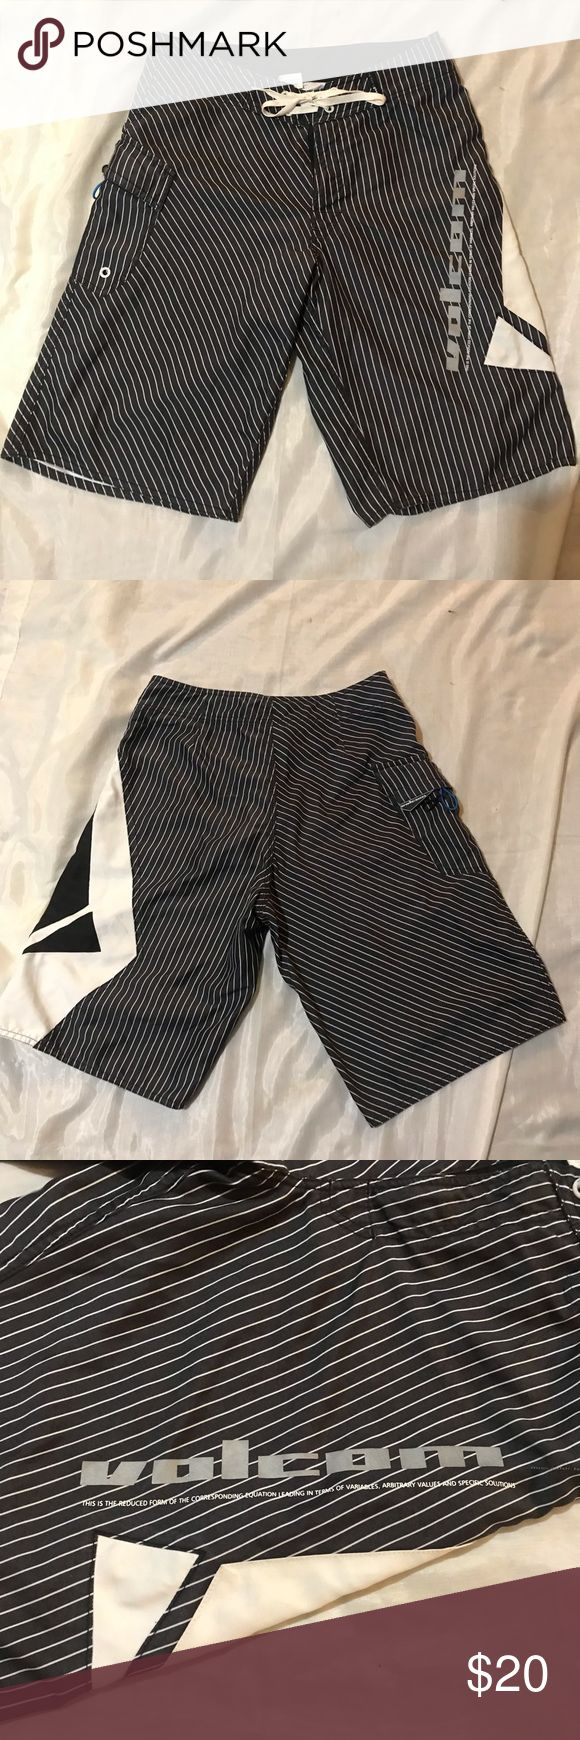 Australia Boardshorts swim suit size 30 Gym